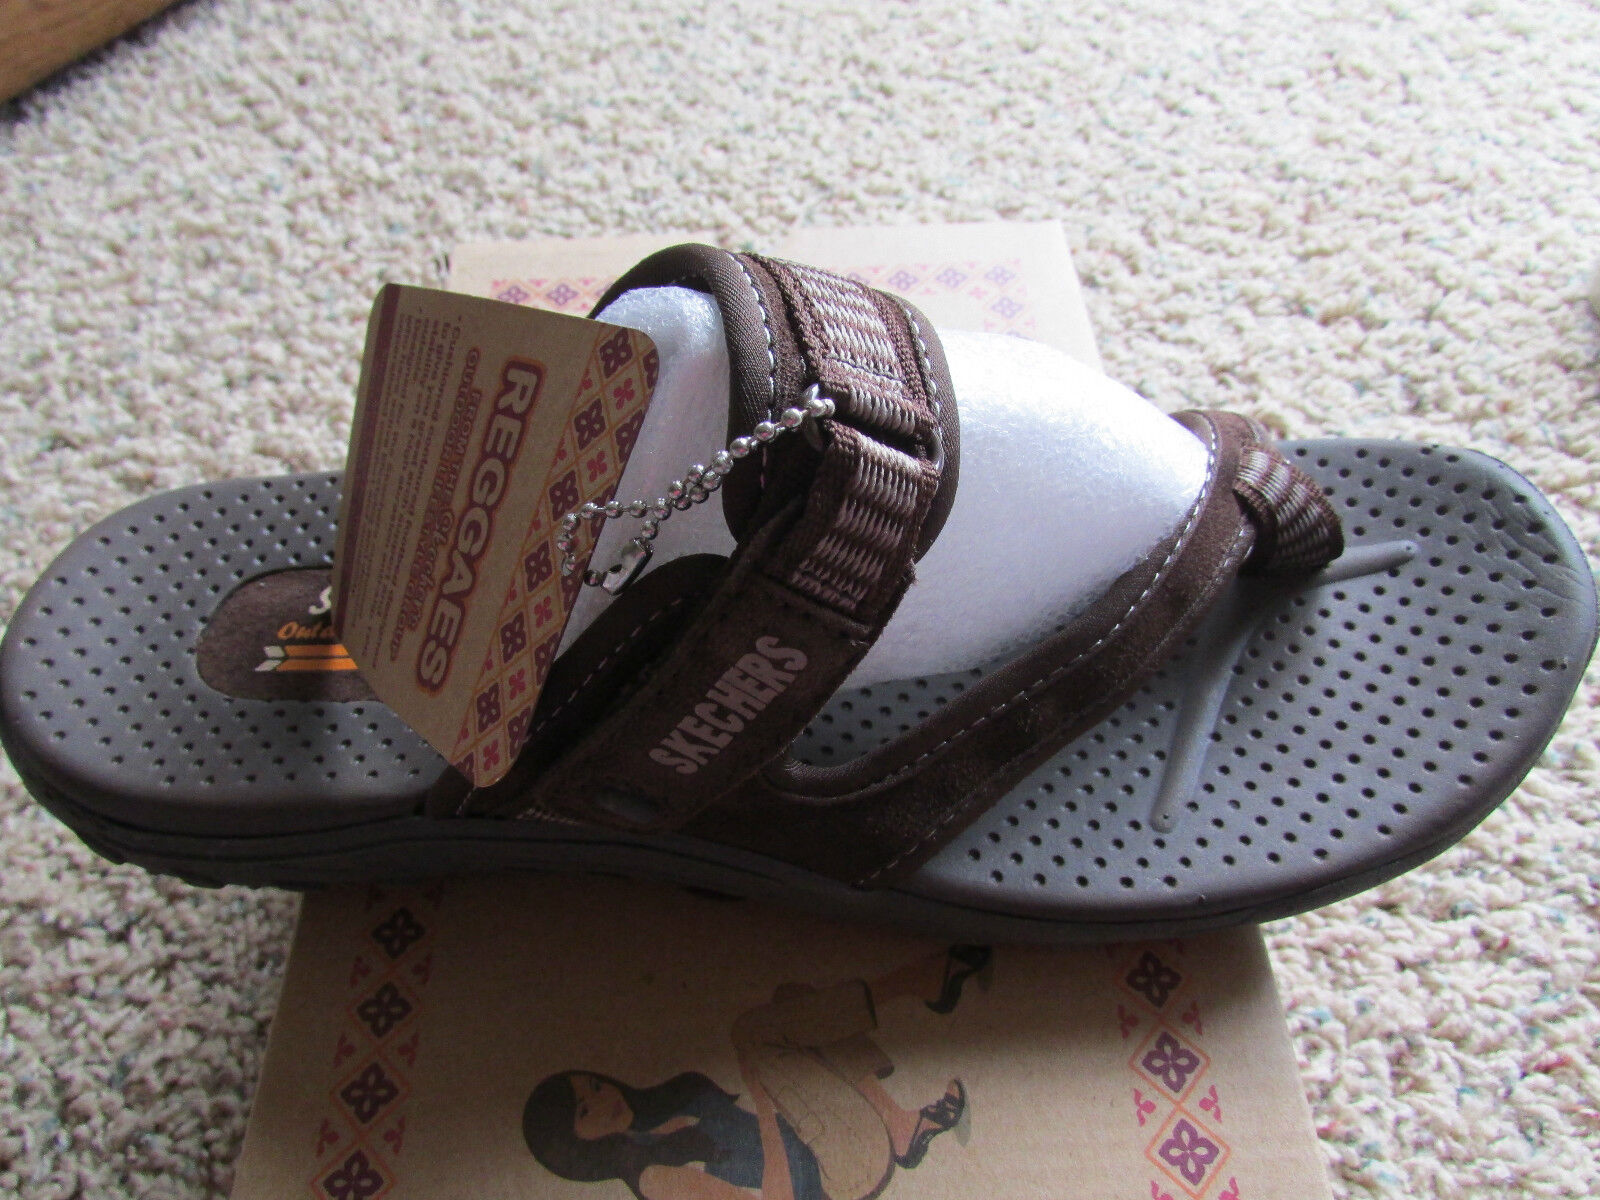 skechers rasta sport sandal